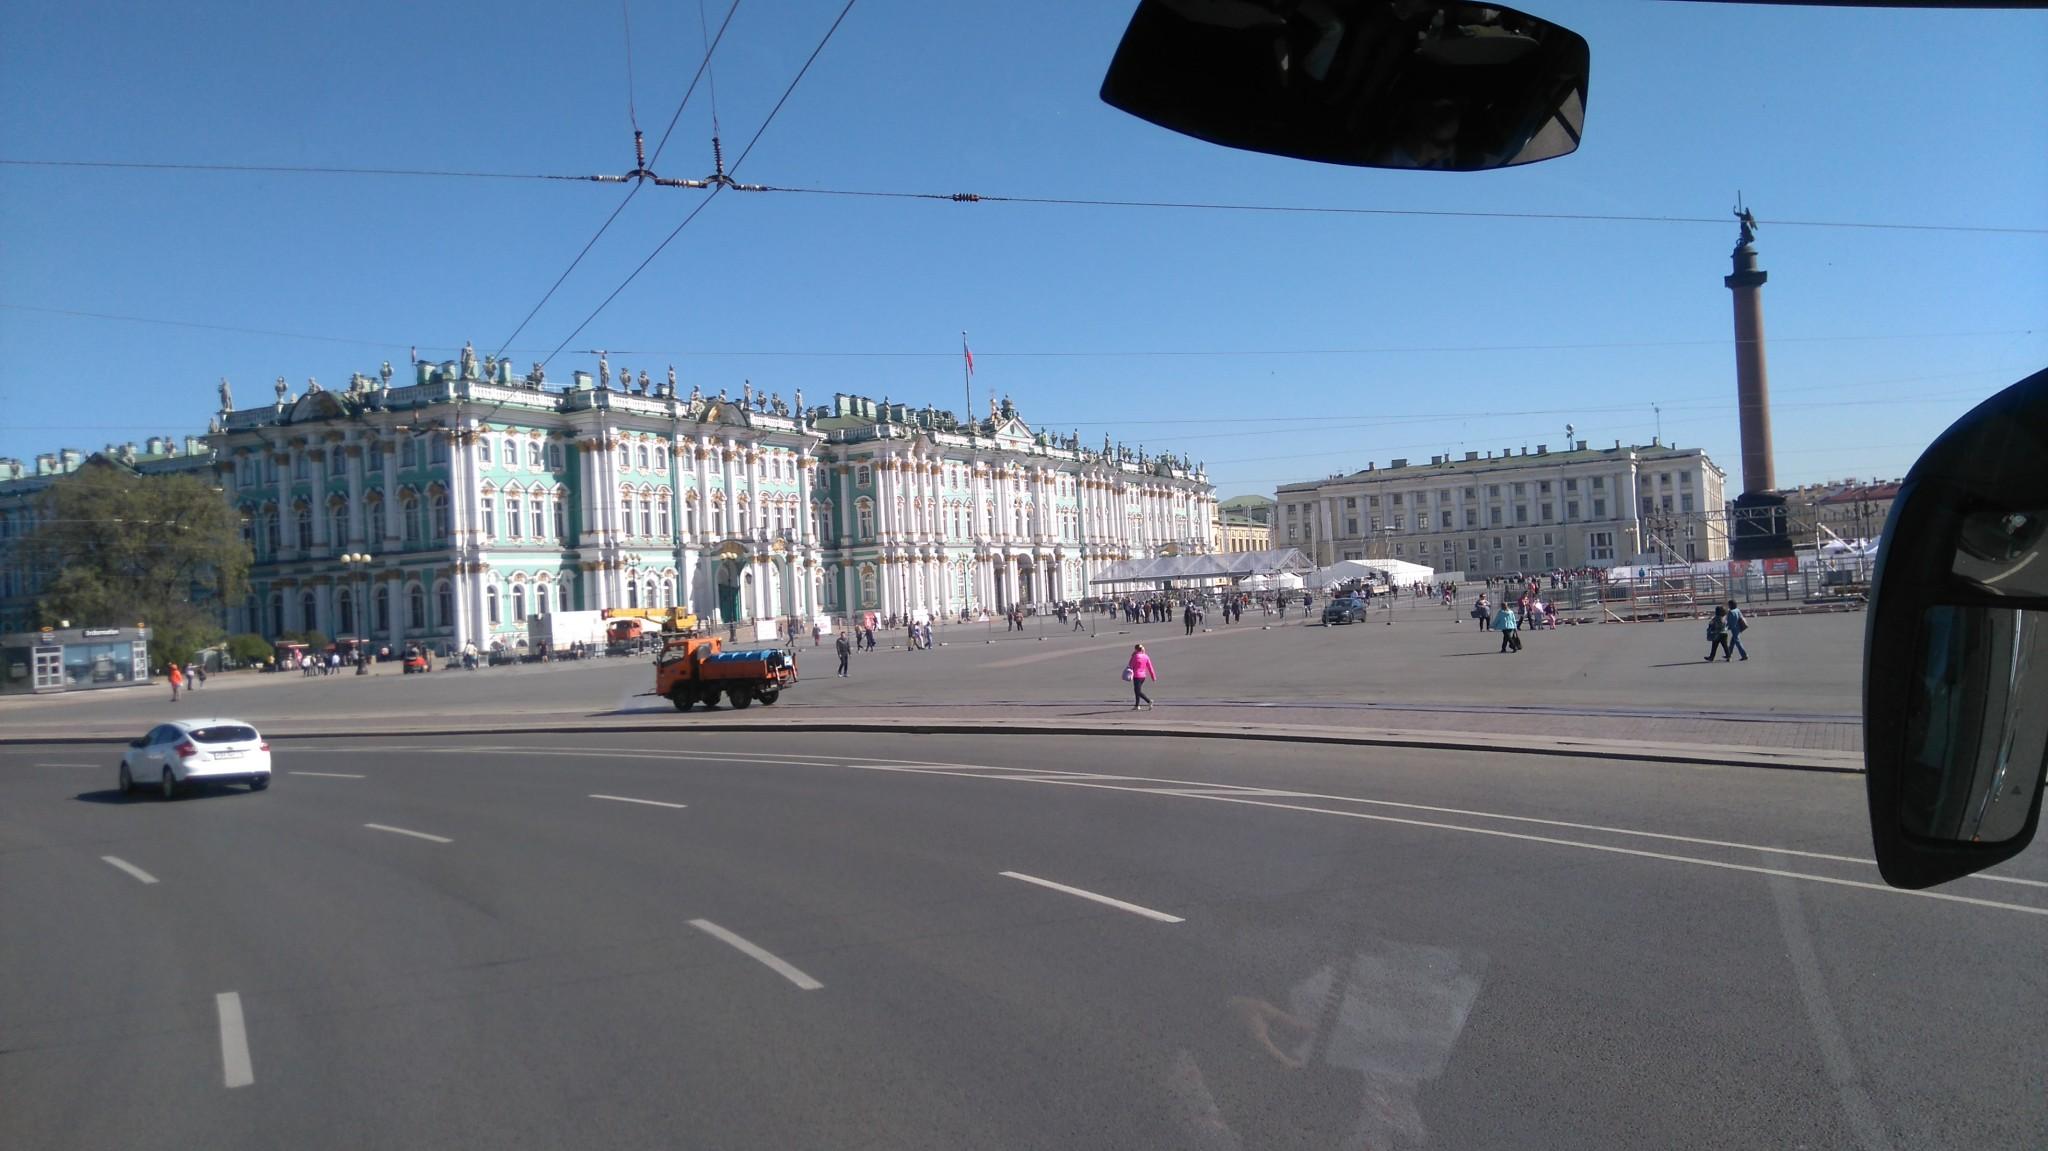 Petersbourg24